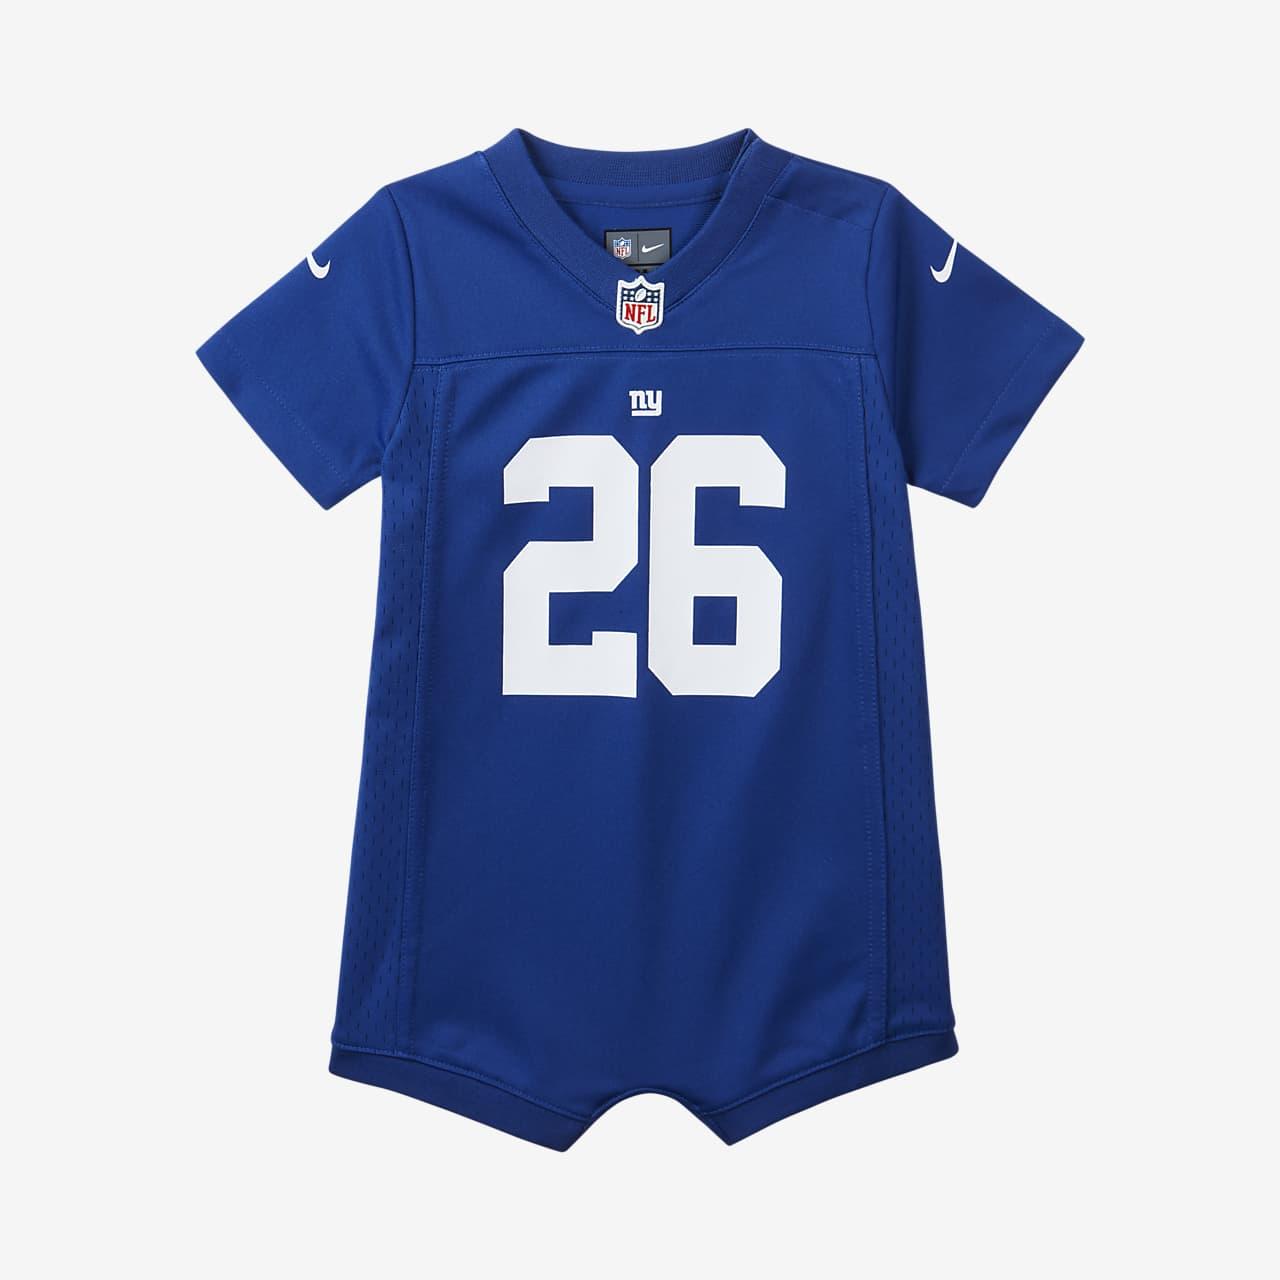 Φορμάκι NFL New York Giants (Saquon Barkley) για βρέφη και νήπια